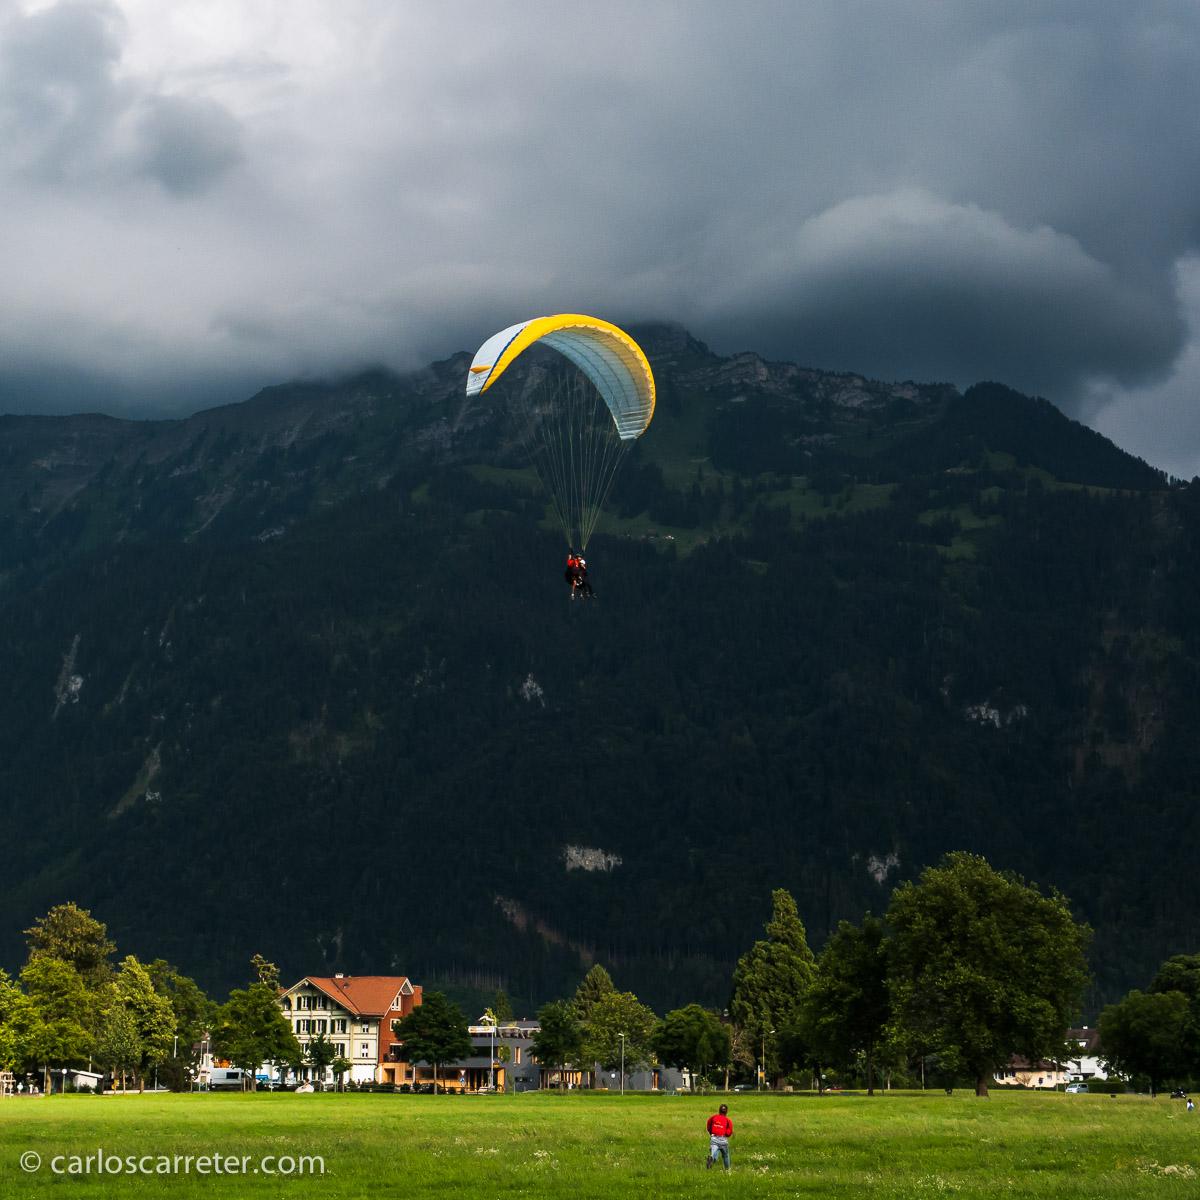 Rodada mayormente en Suiza, a Suiza nos iremos a pasear fotográficamente. Interlaken, por ejemplo, al pie de gigantes de 4000 metros.